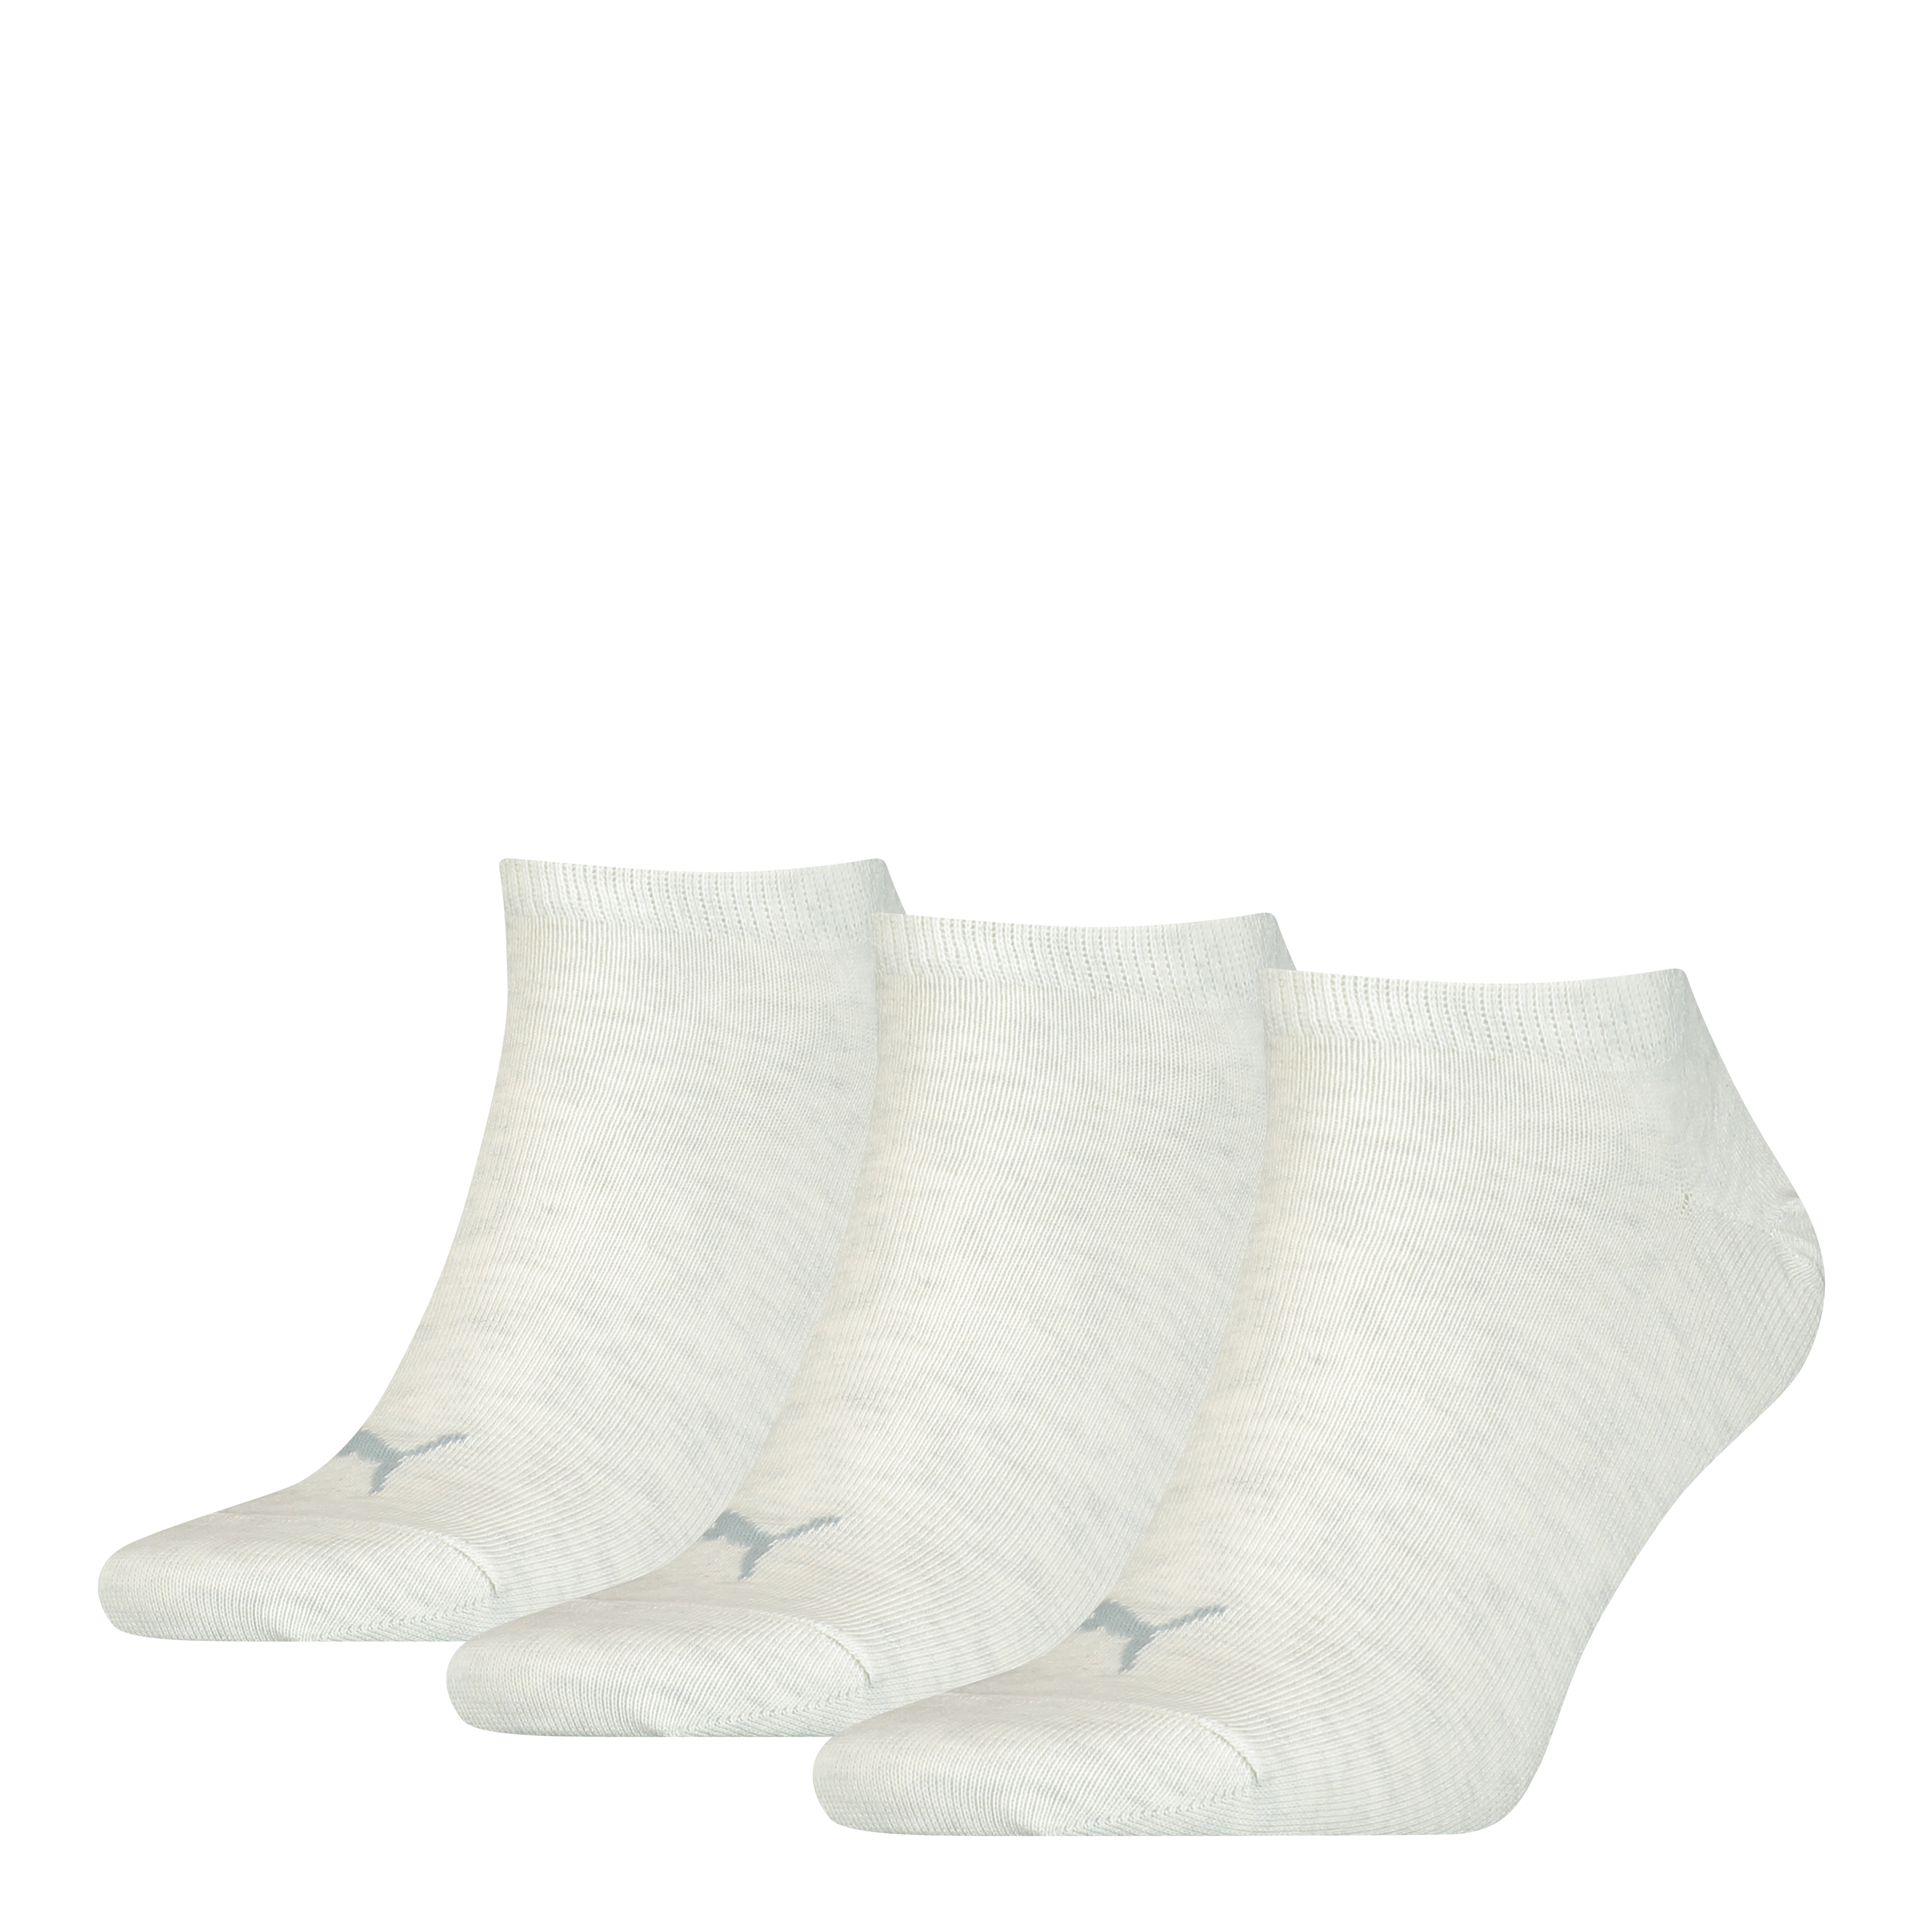 Puma Sneaker Sokken 3-pack Off White-39/42